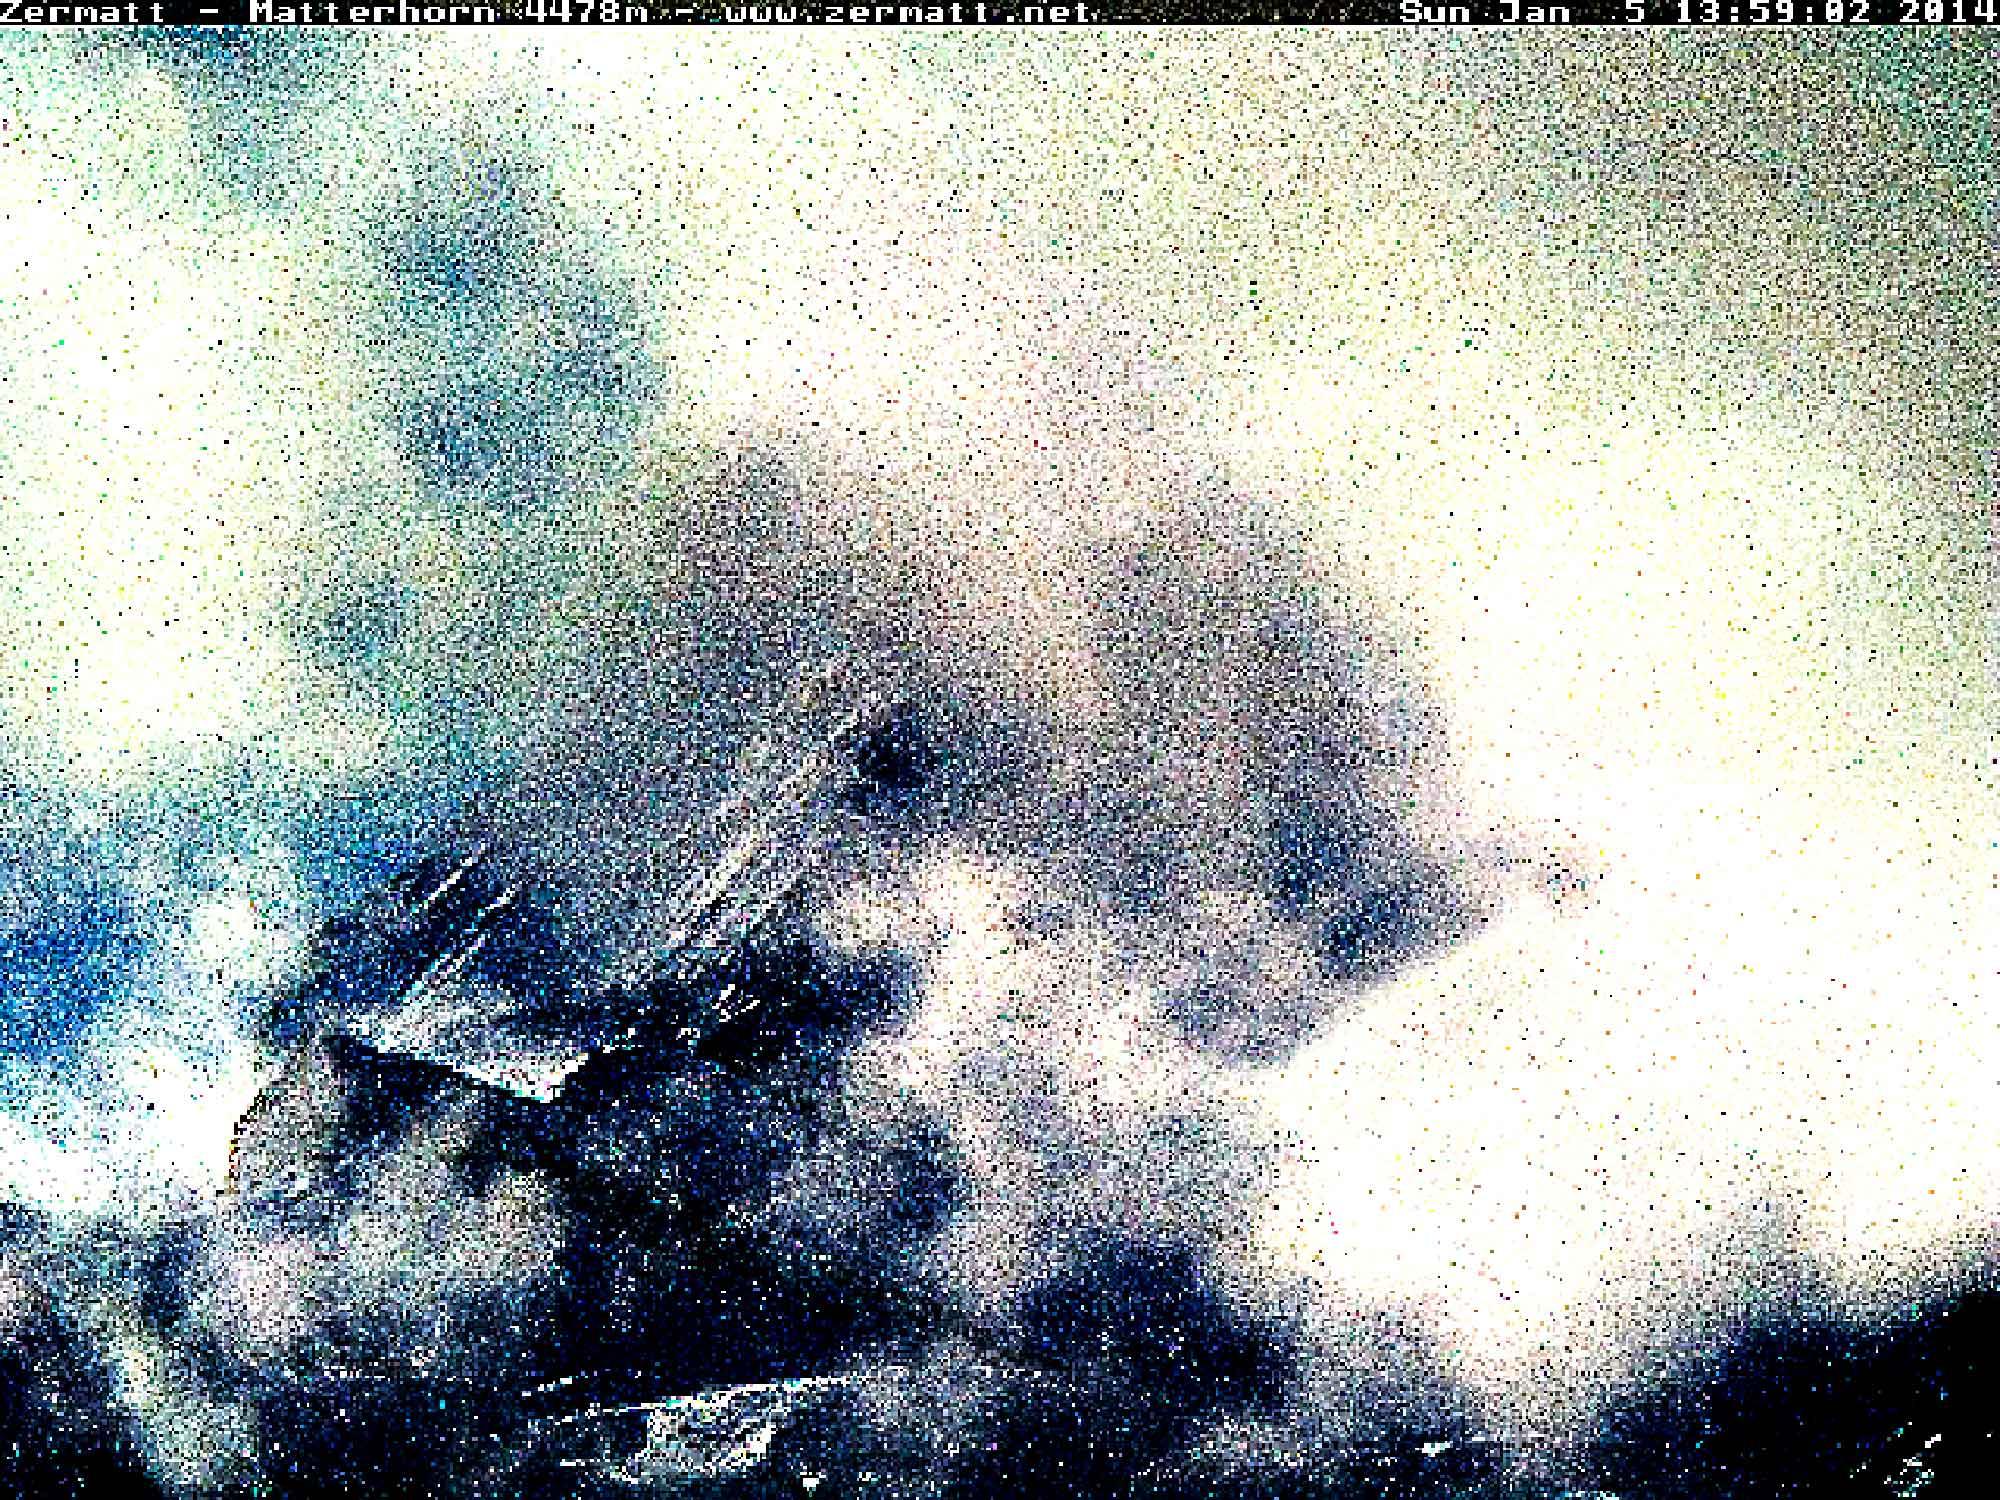 #1392 Matterhorn 2014 01 05